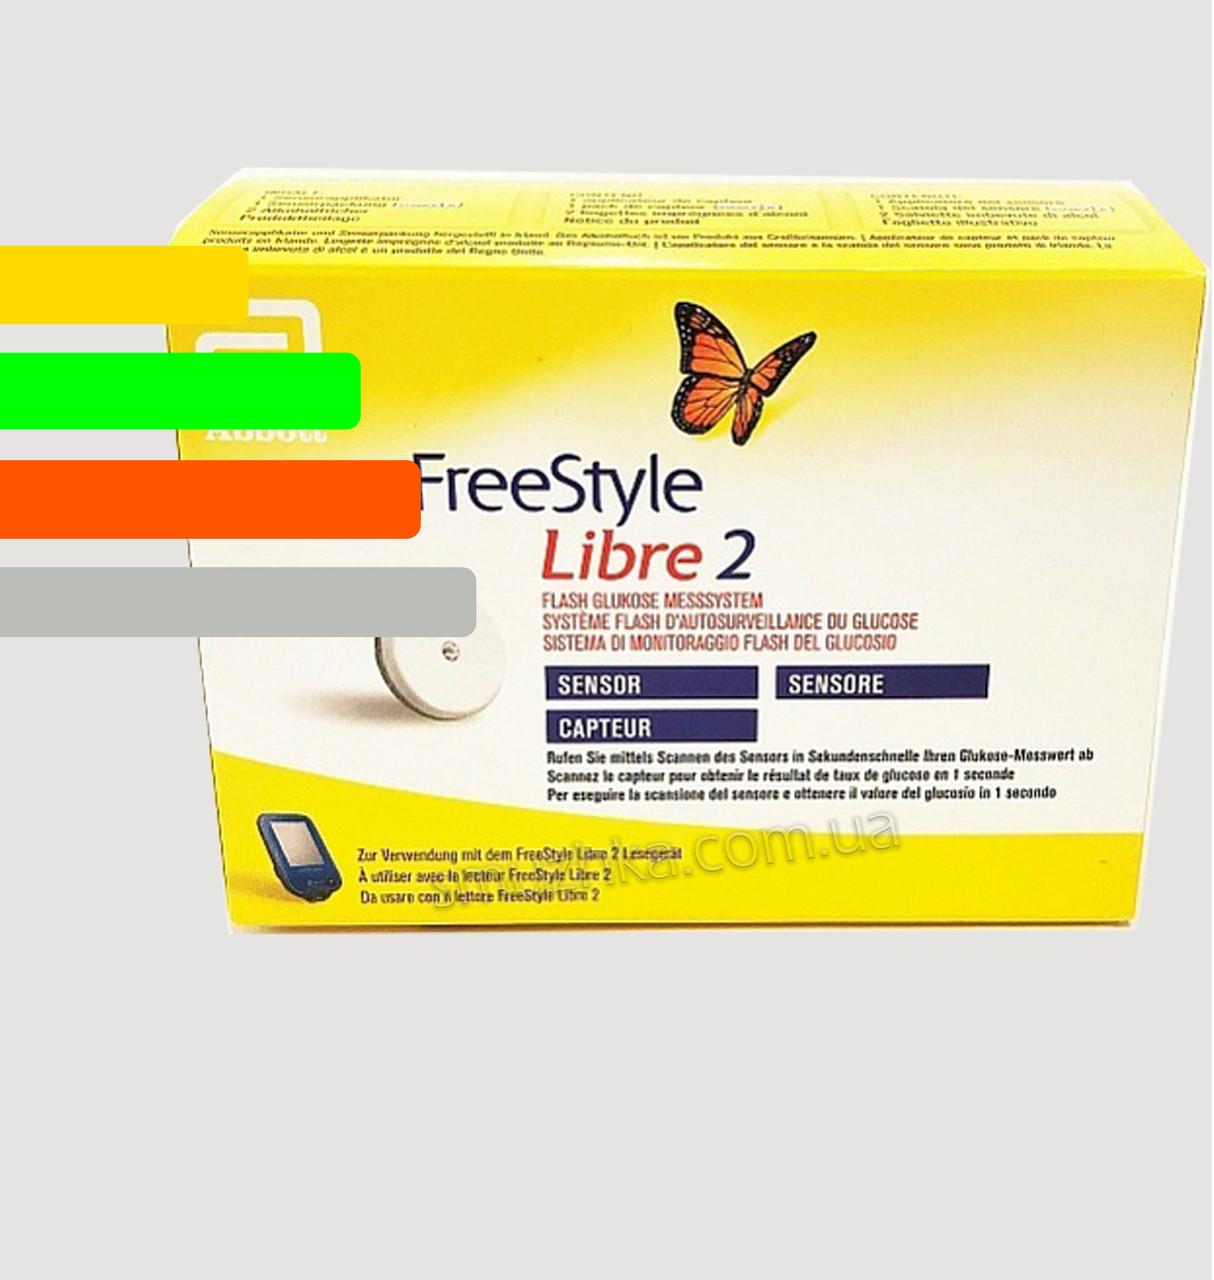 Сенсор Фристайл либре 2 второго поколения - Sensor Freestyle Libre 2